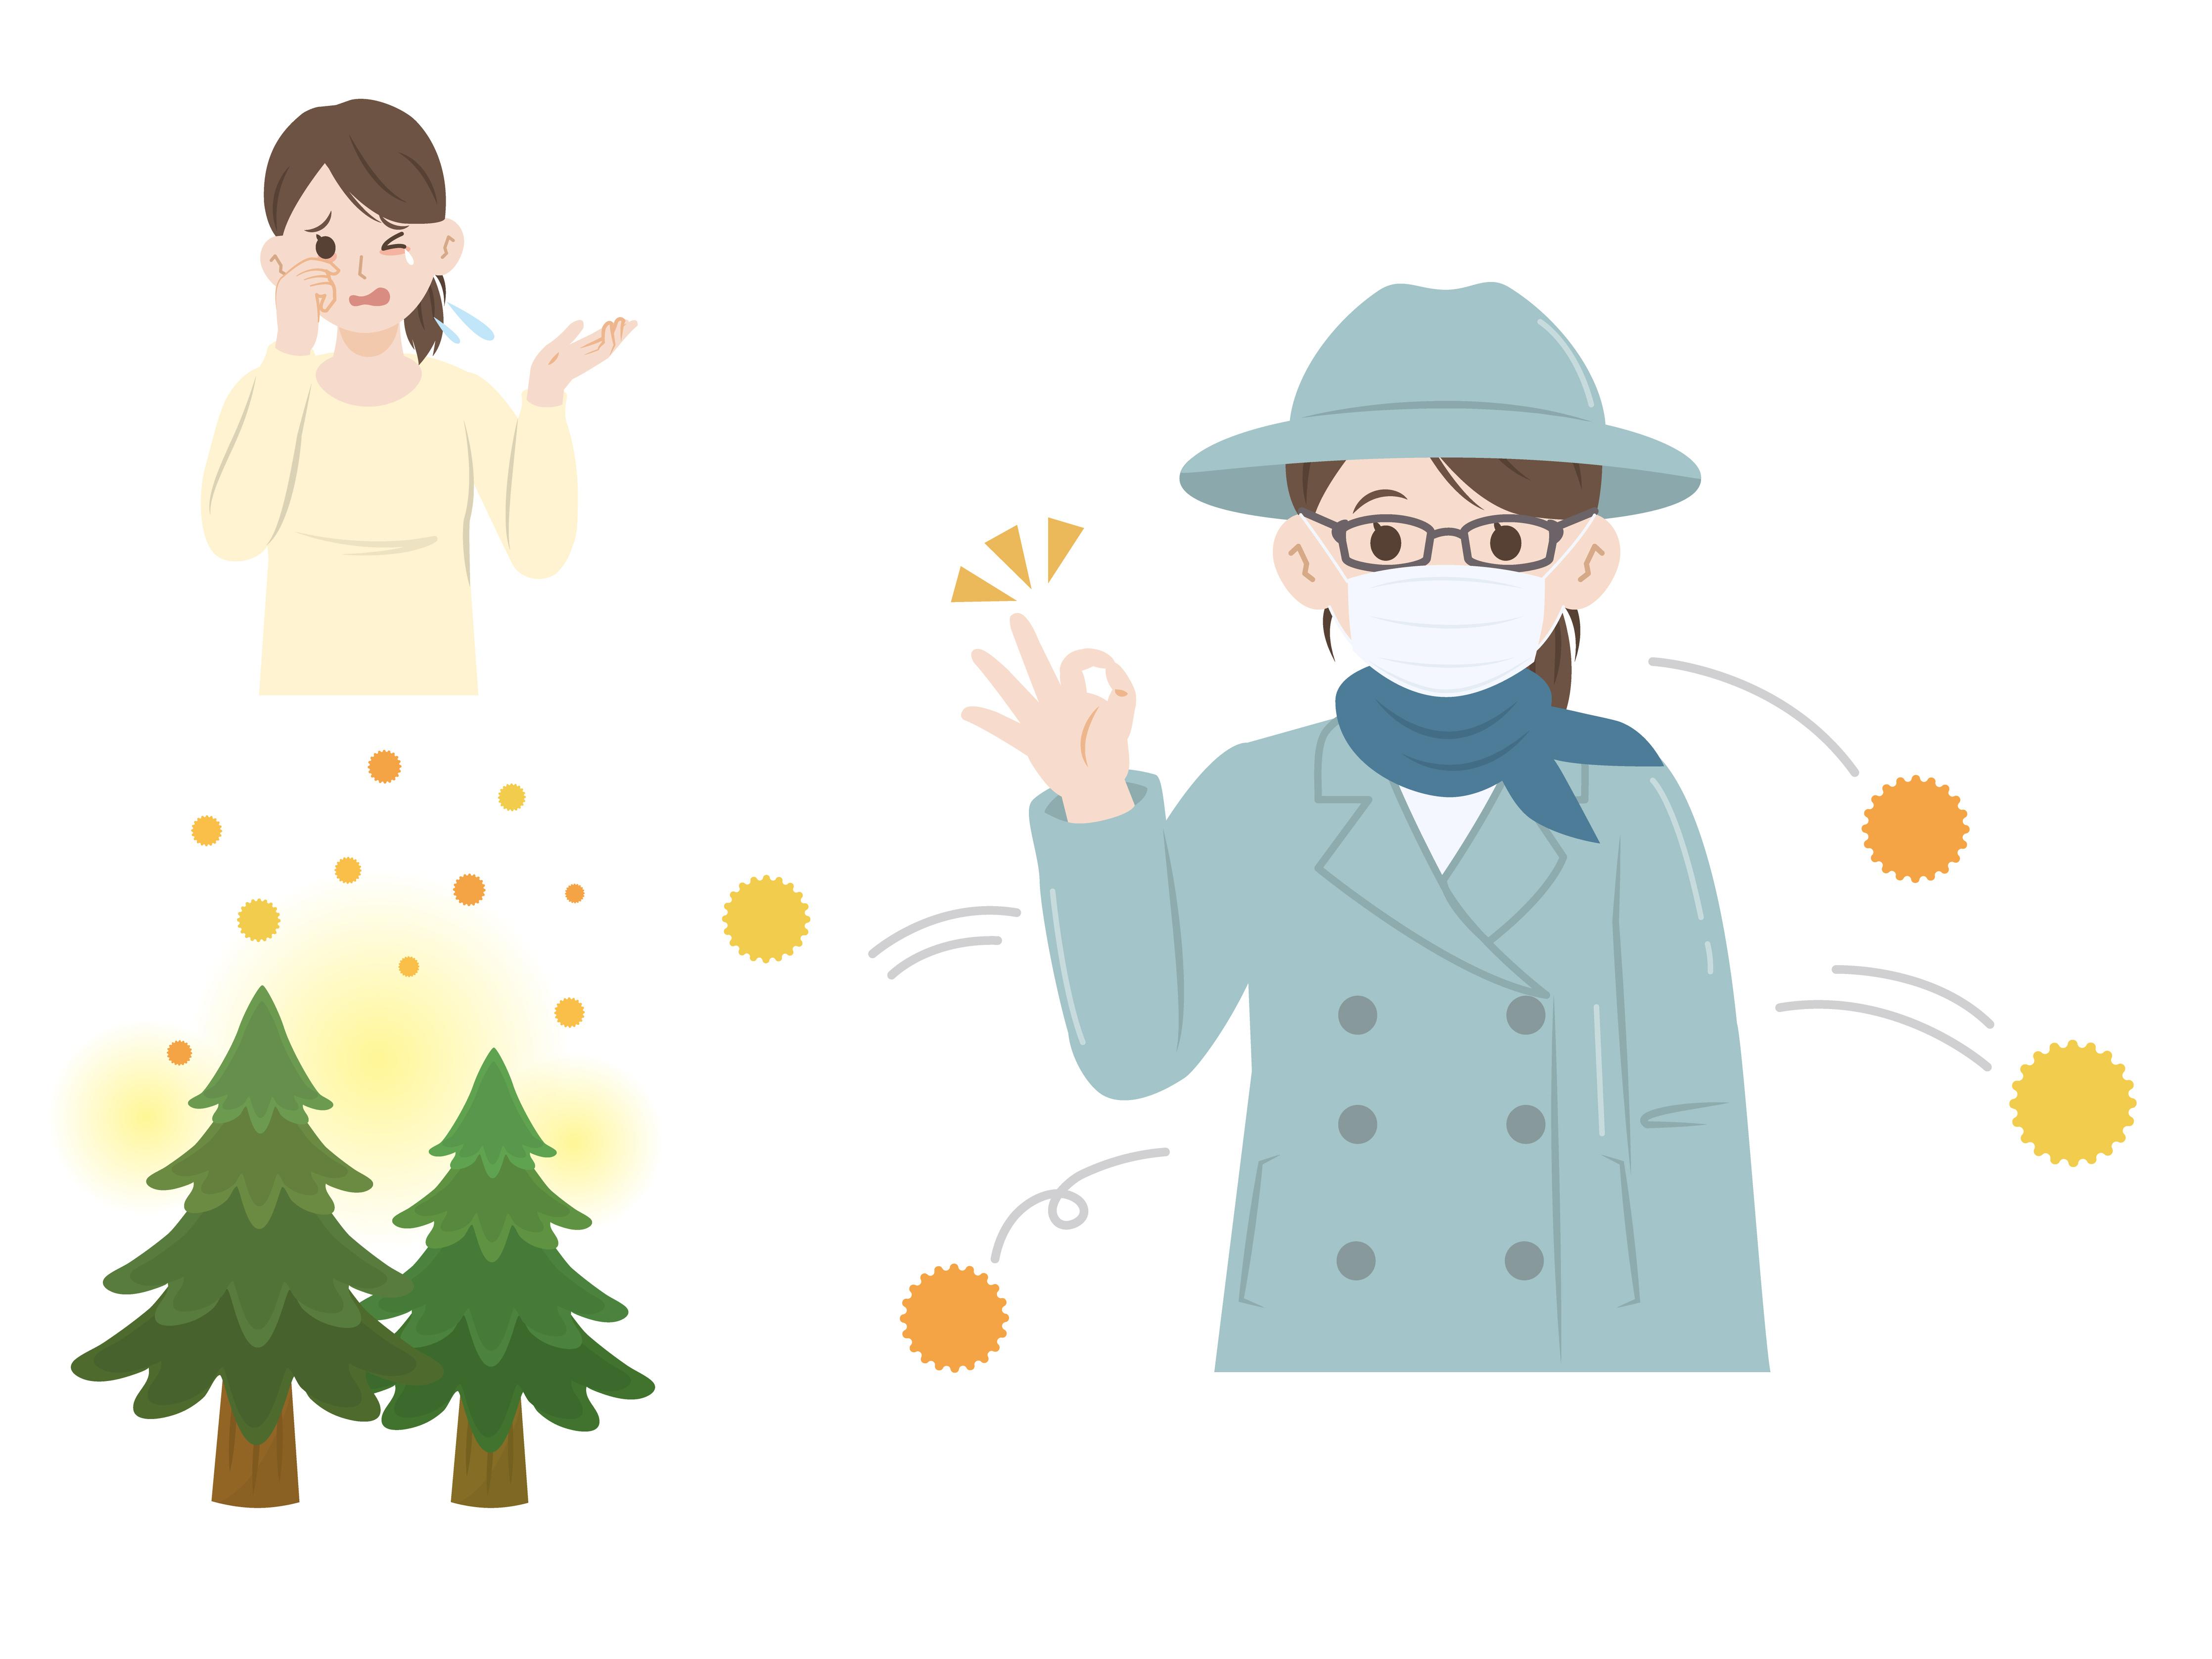 ပန်းဝတ်မှုန်allergy/花粉症